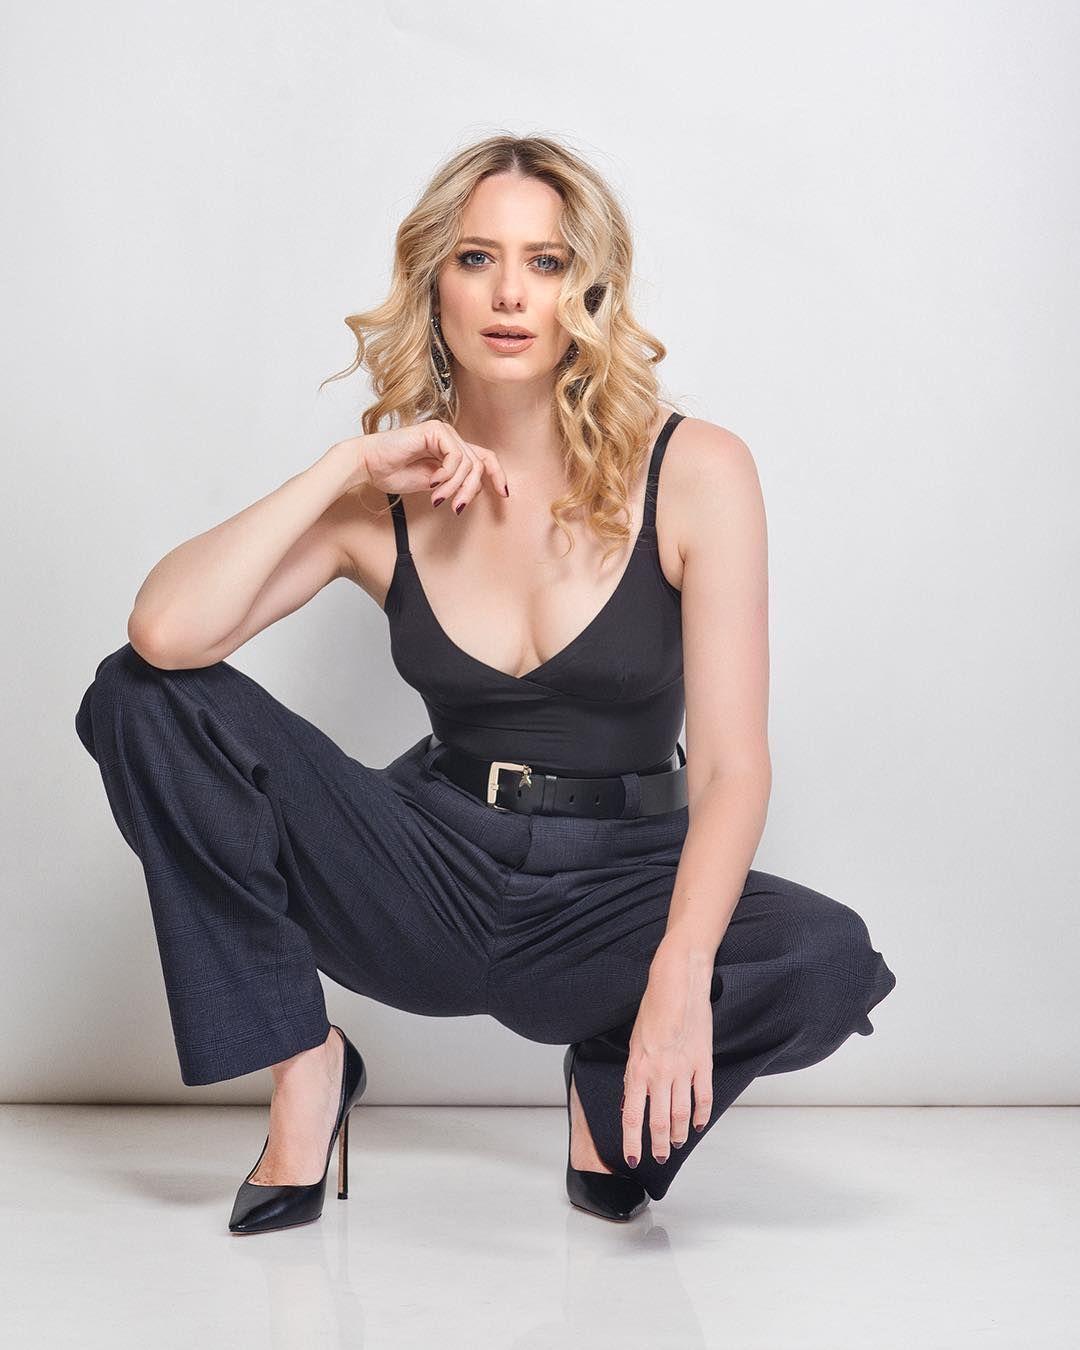 Alicia Burke